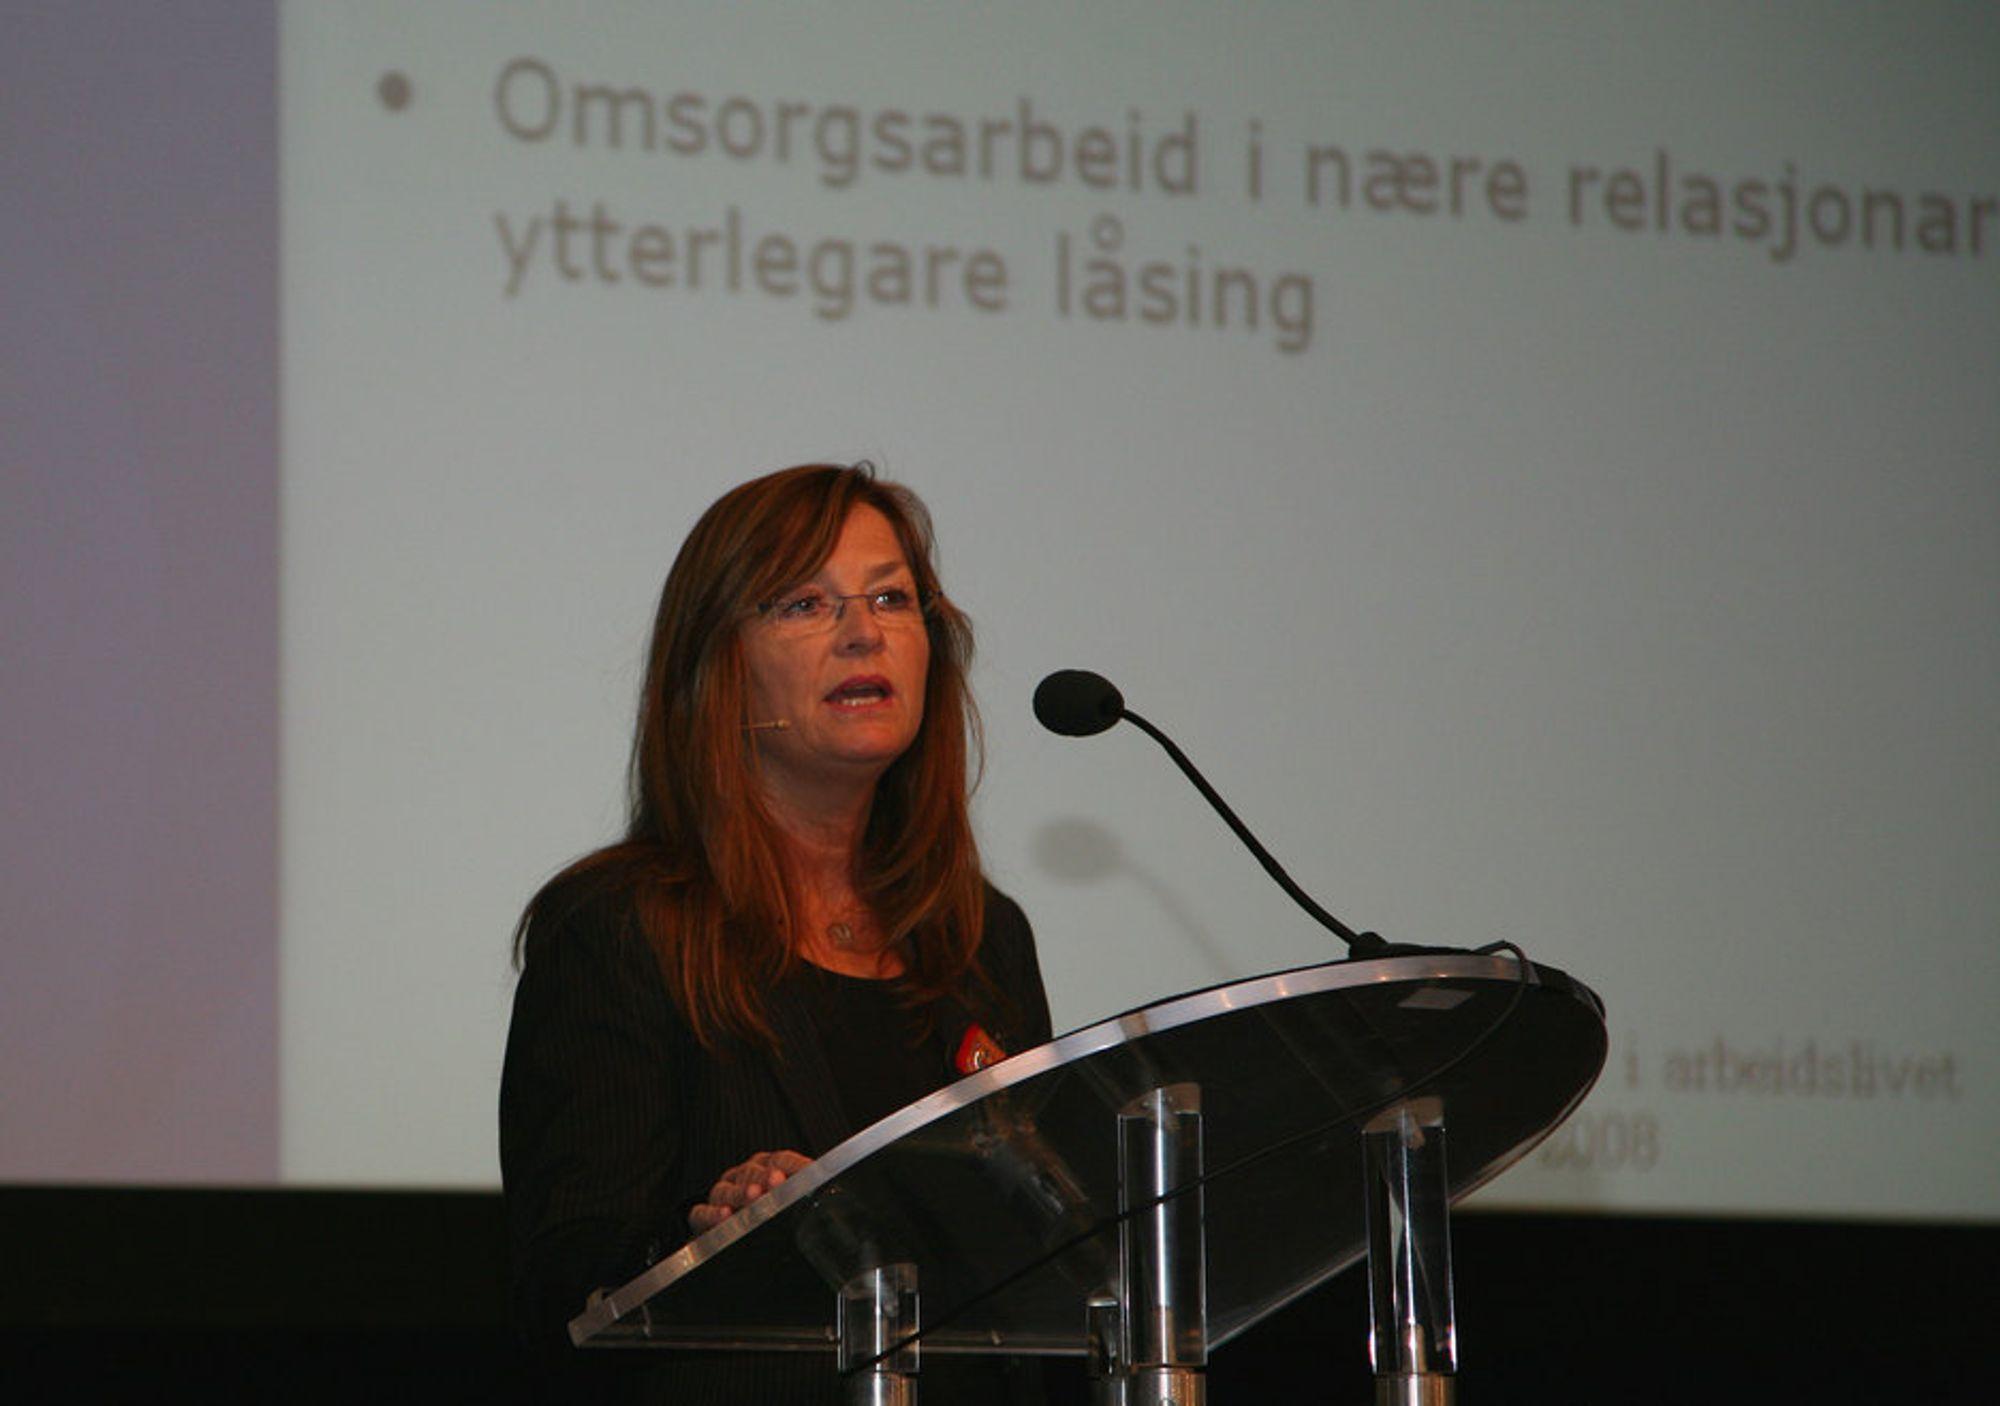 Hildegunn Sagvaag, universitetslektor ved Universitetet i Stavanger, sier at fyll ofte døyver ensomheten som følger med det å være på farta i jobben.